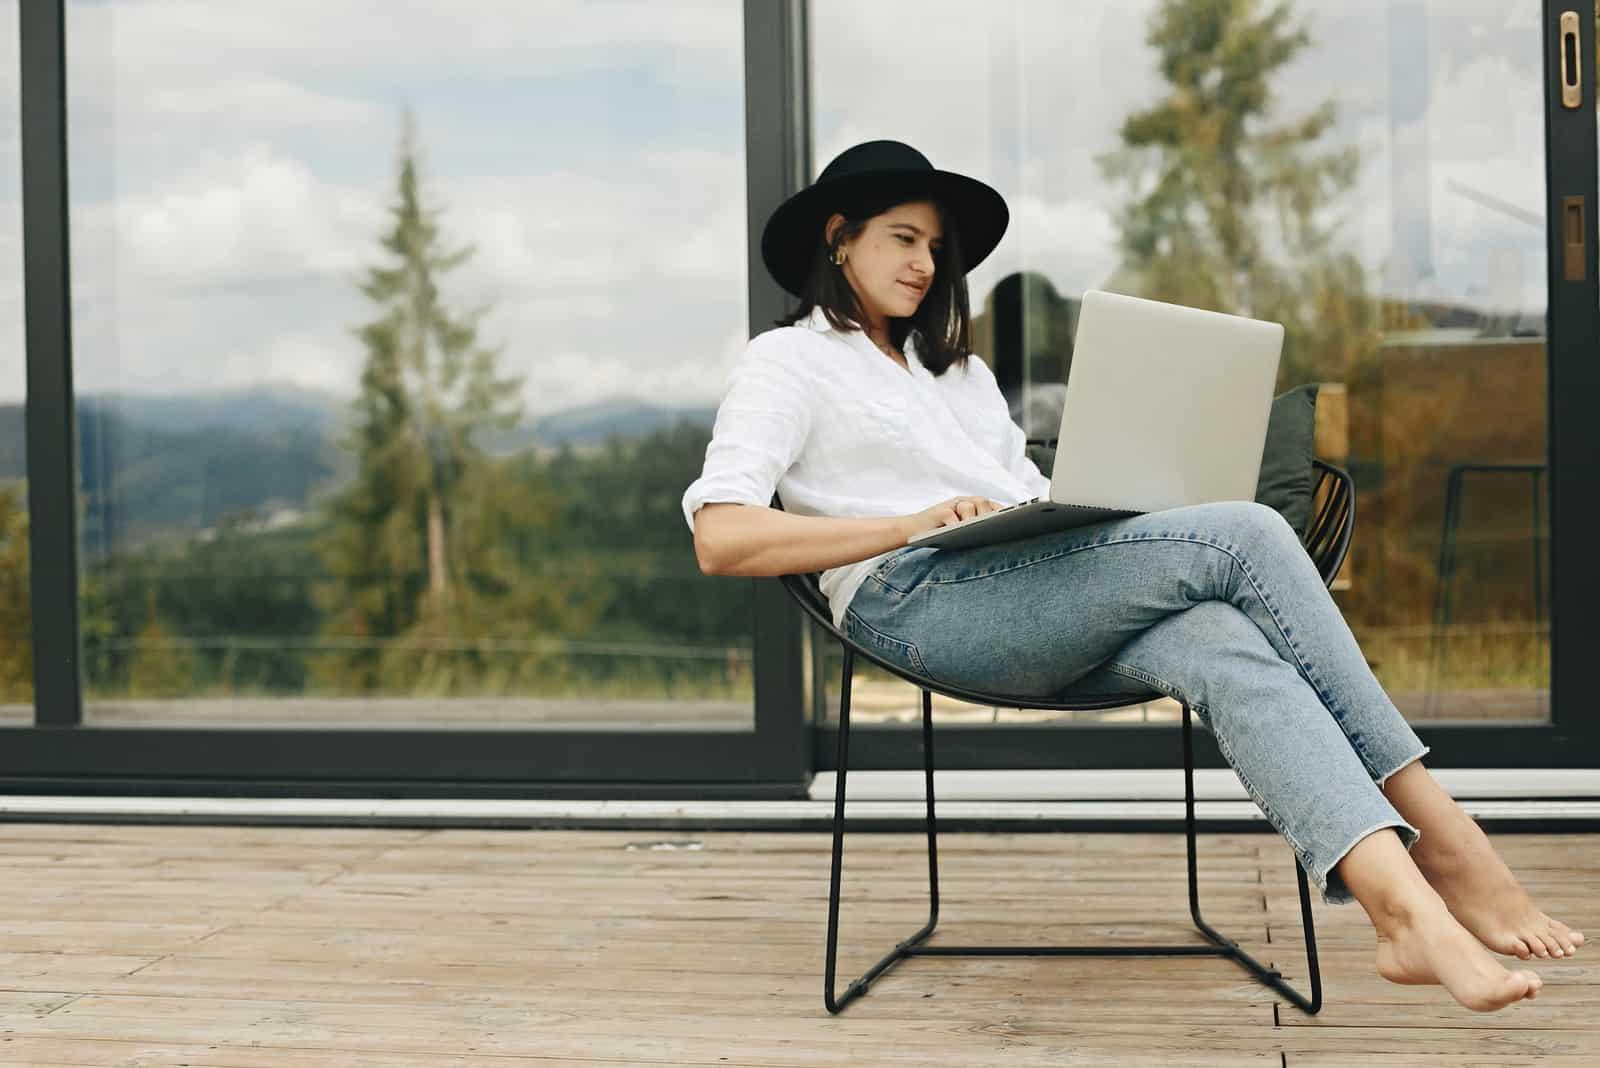 une belle femme assise sur une chaise avec une tablette sur ses genoux